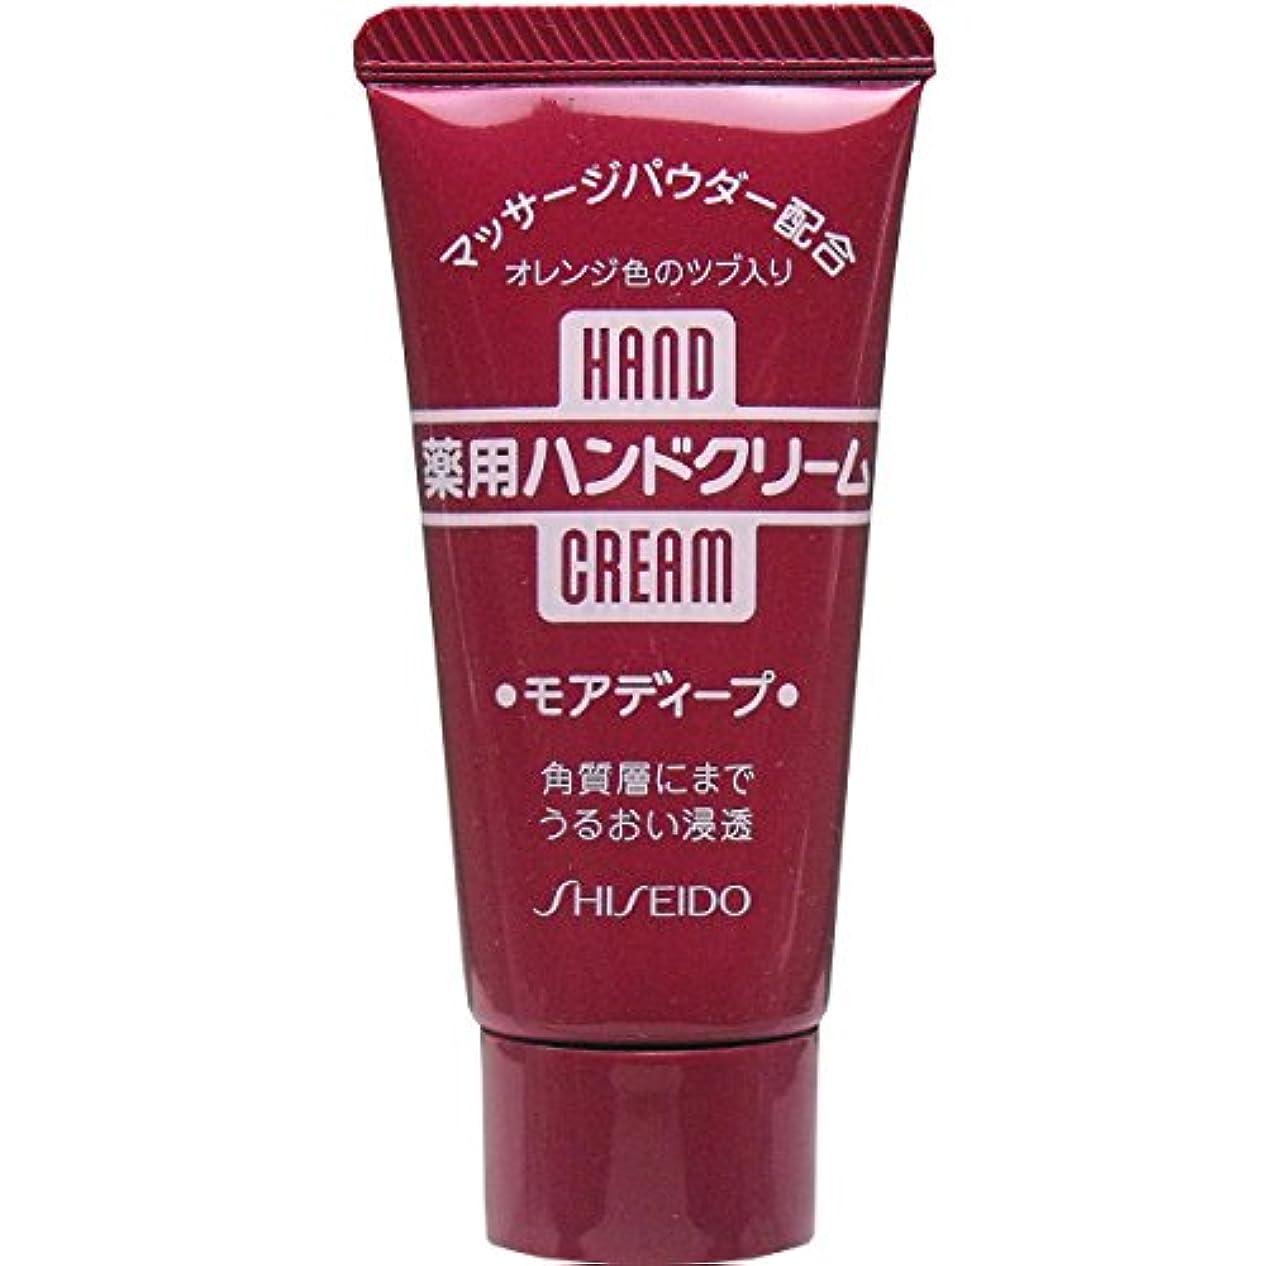 セメント準備する鼻ハンドクリーム 薬用モアディープ (チューブ) 30g